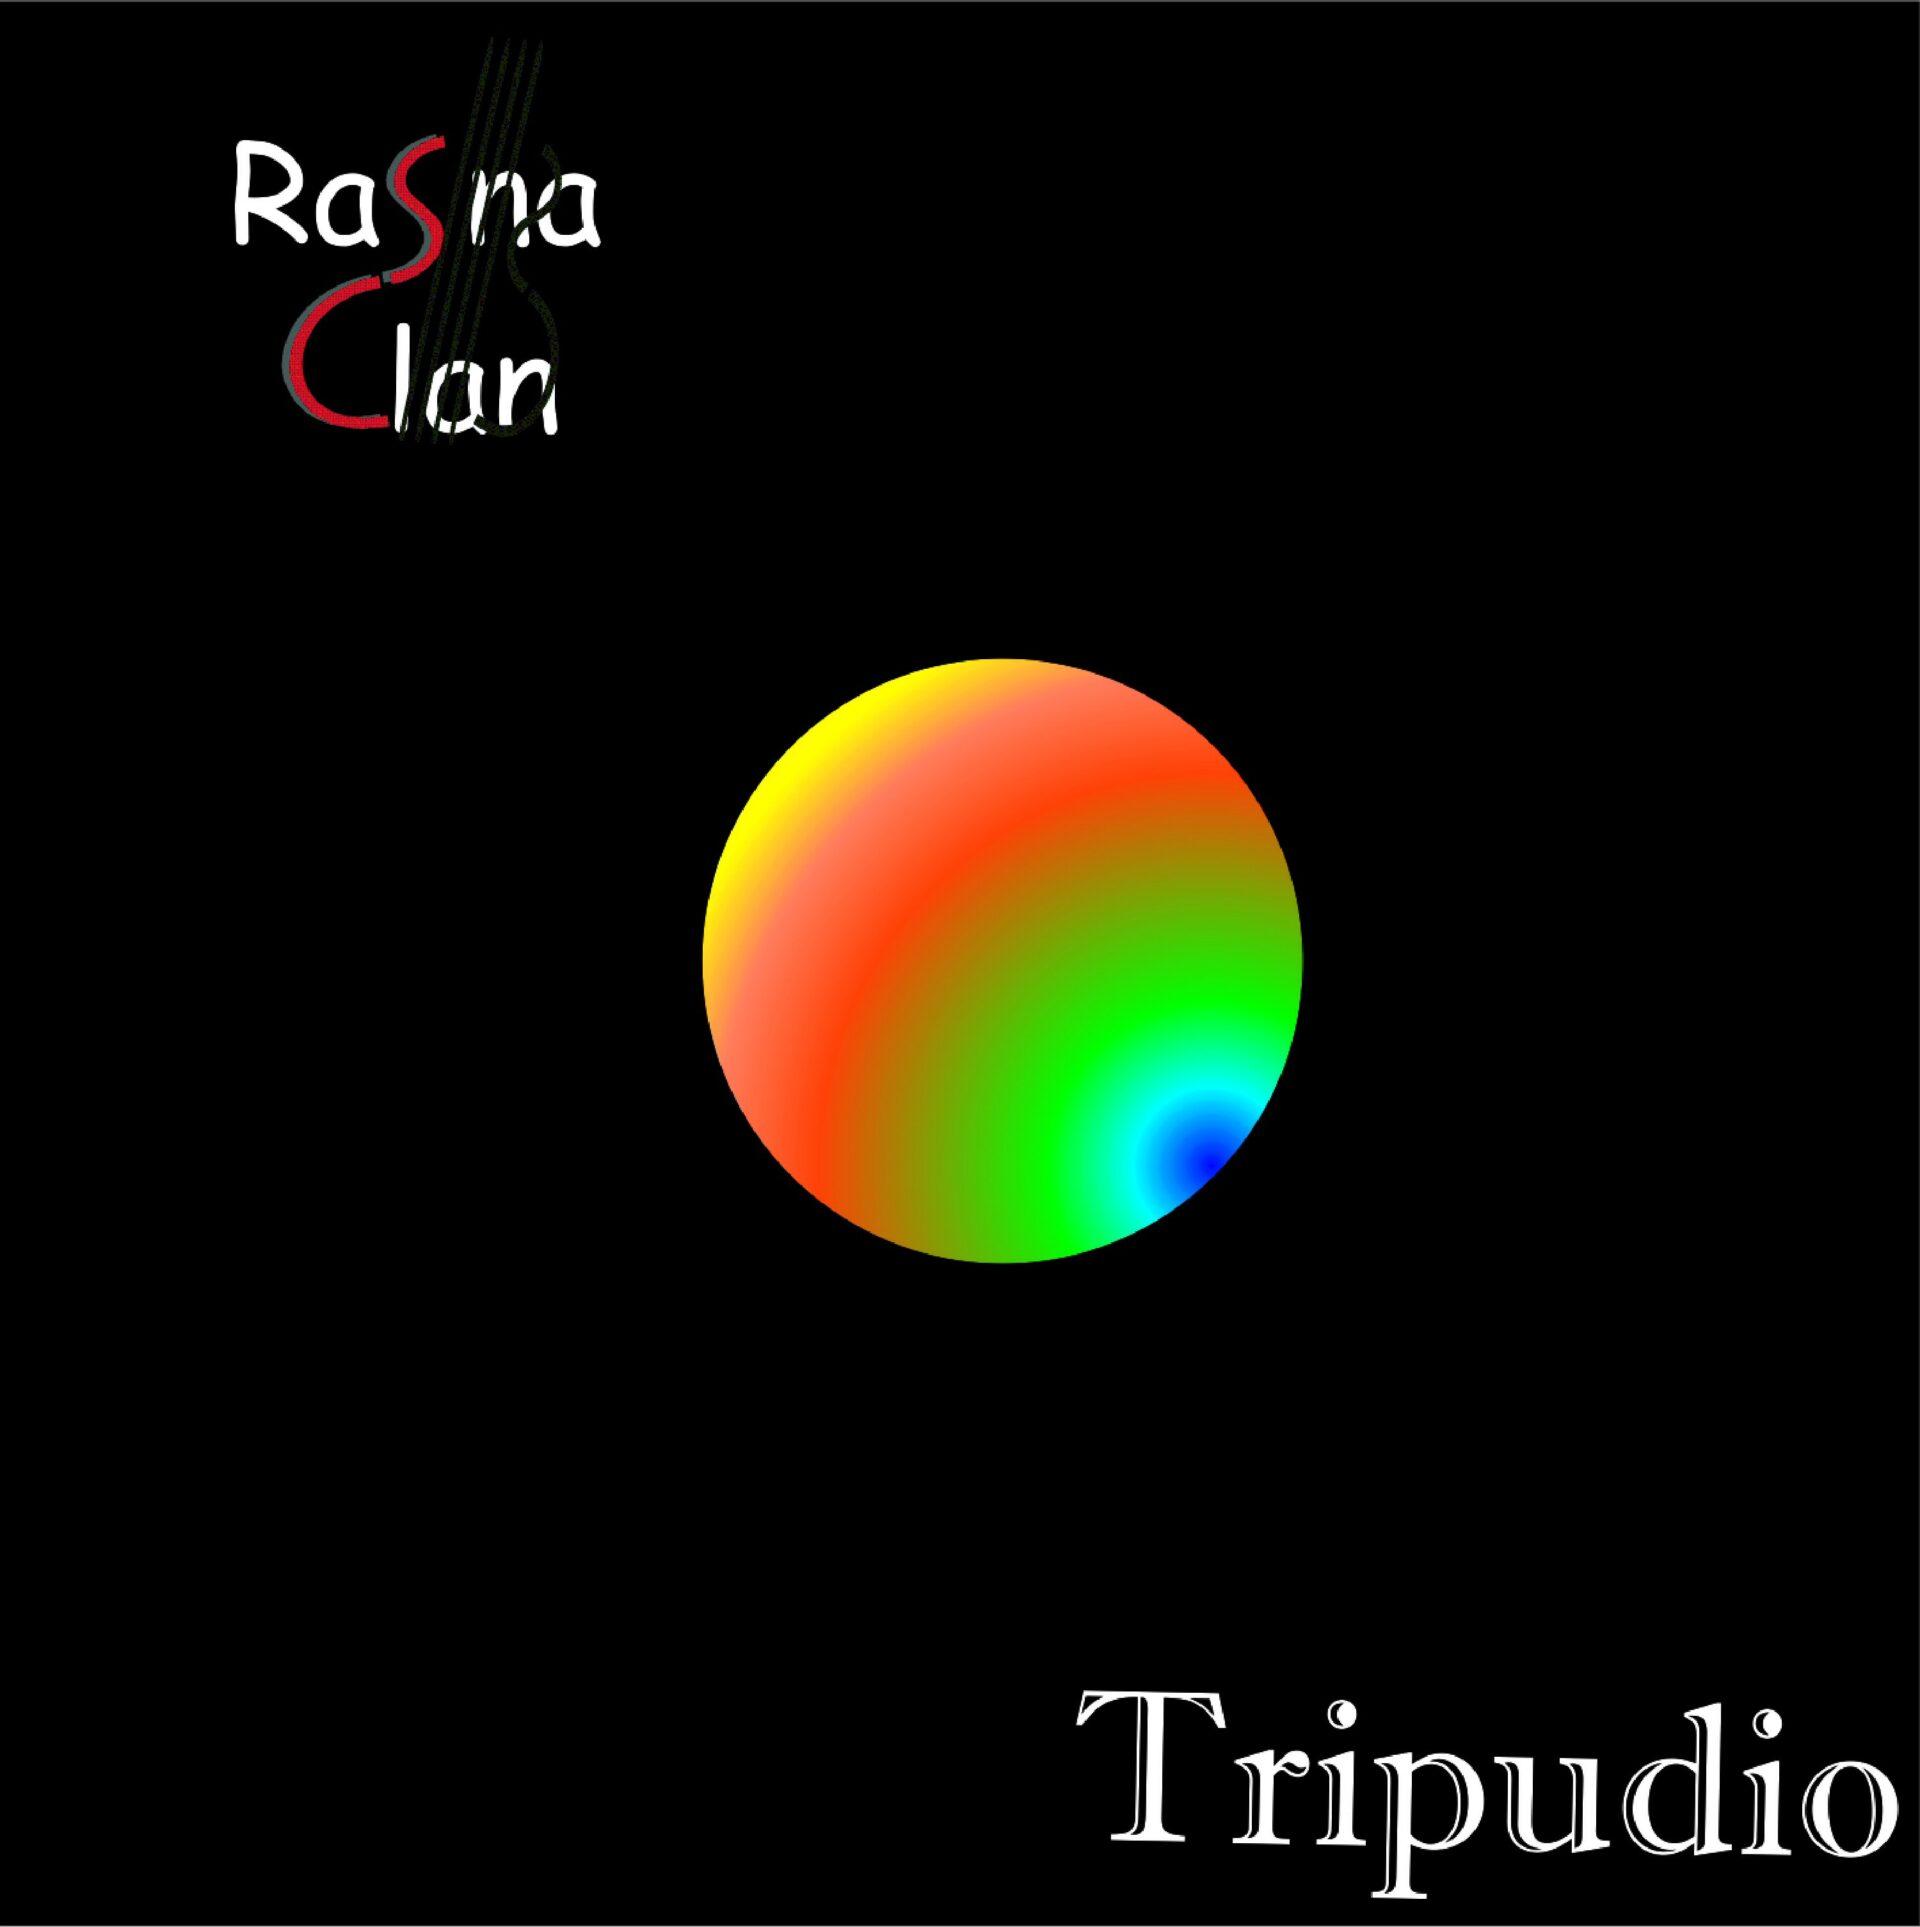 Copertina del CD Tripudio dei Rasna Clan